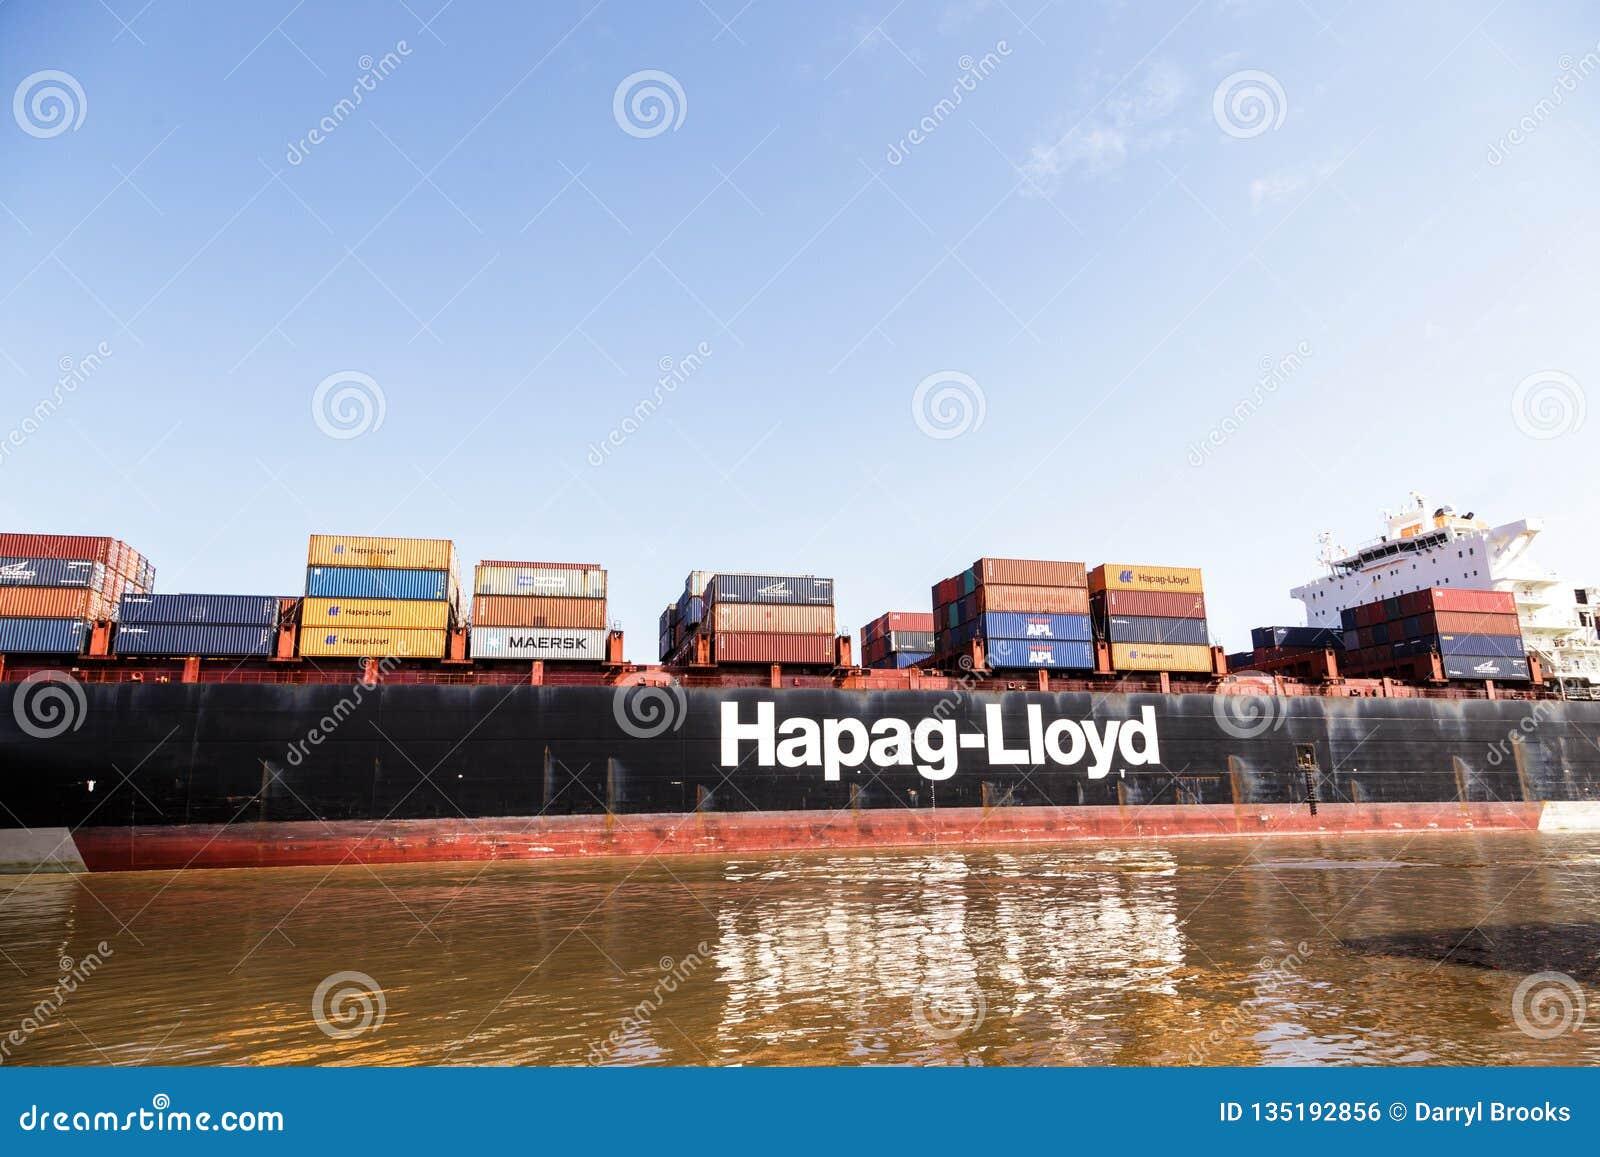 Hapag Lloyd editorial photo  Image of savannah, black